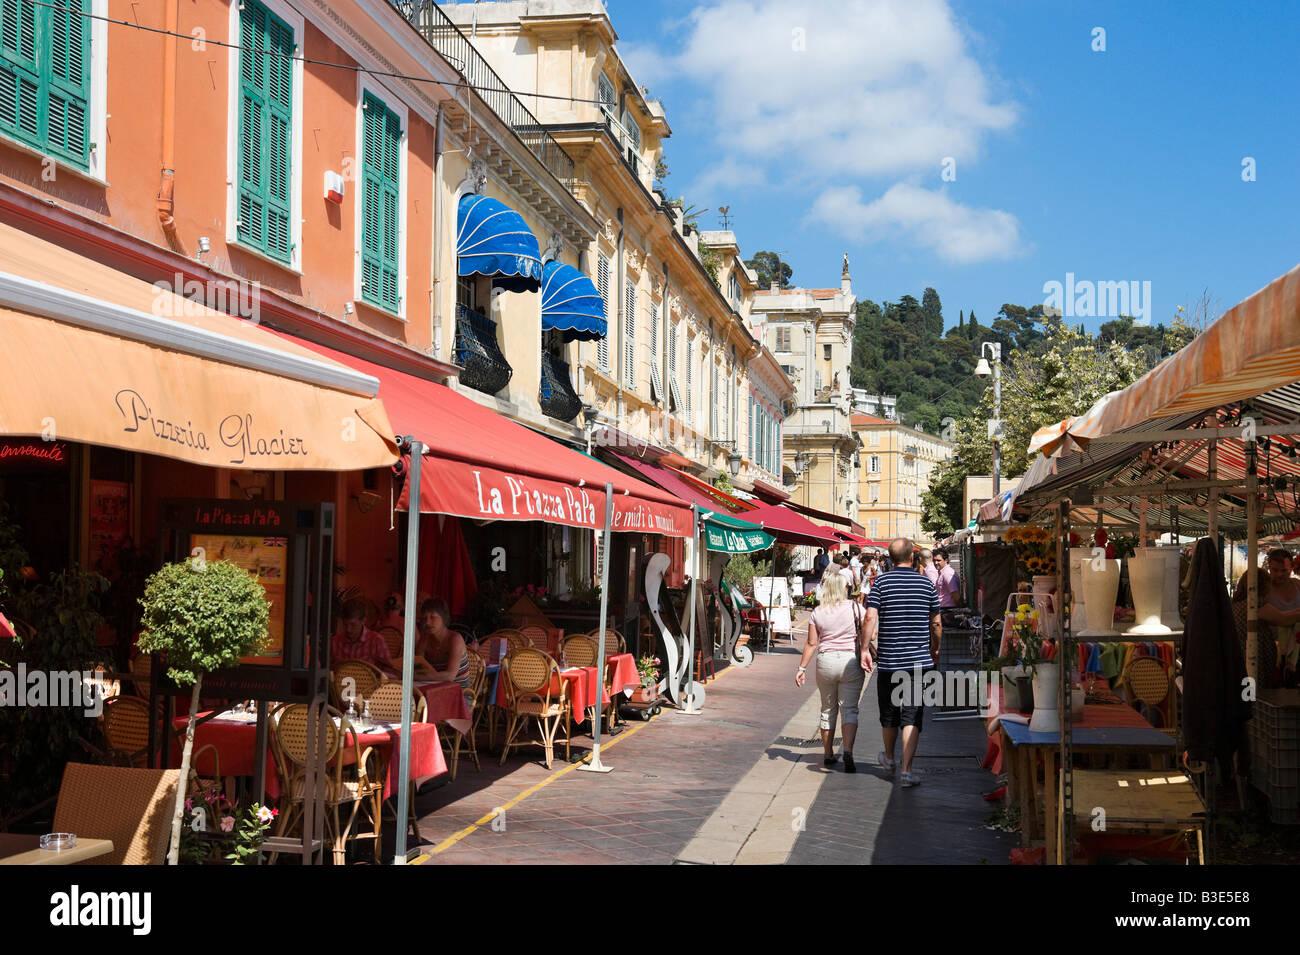 Ristoranti e mercato di Cours Saleya nella città vecchia (Vieux Nice), Nizza Cote d'Azur, Costa Azzurra, Immagini Stock